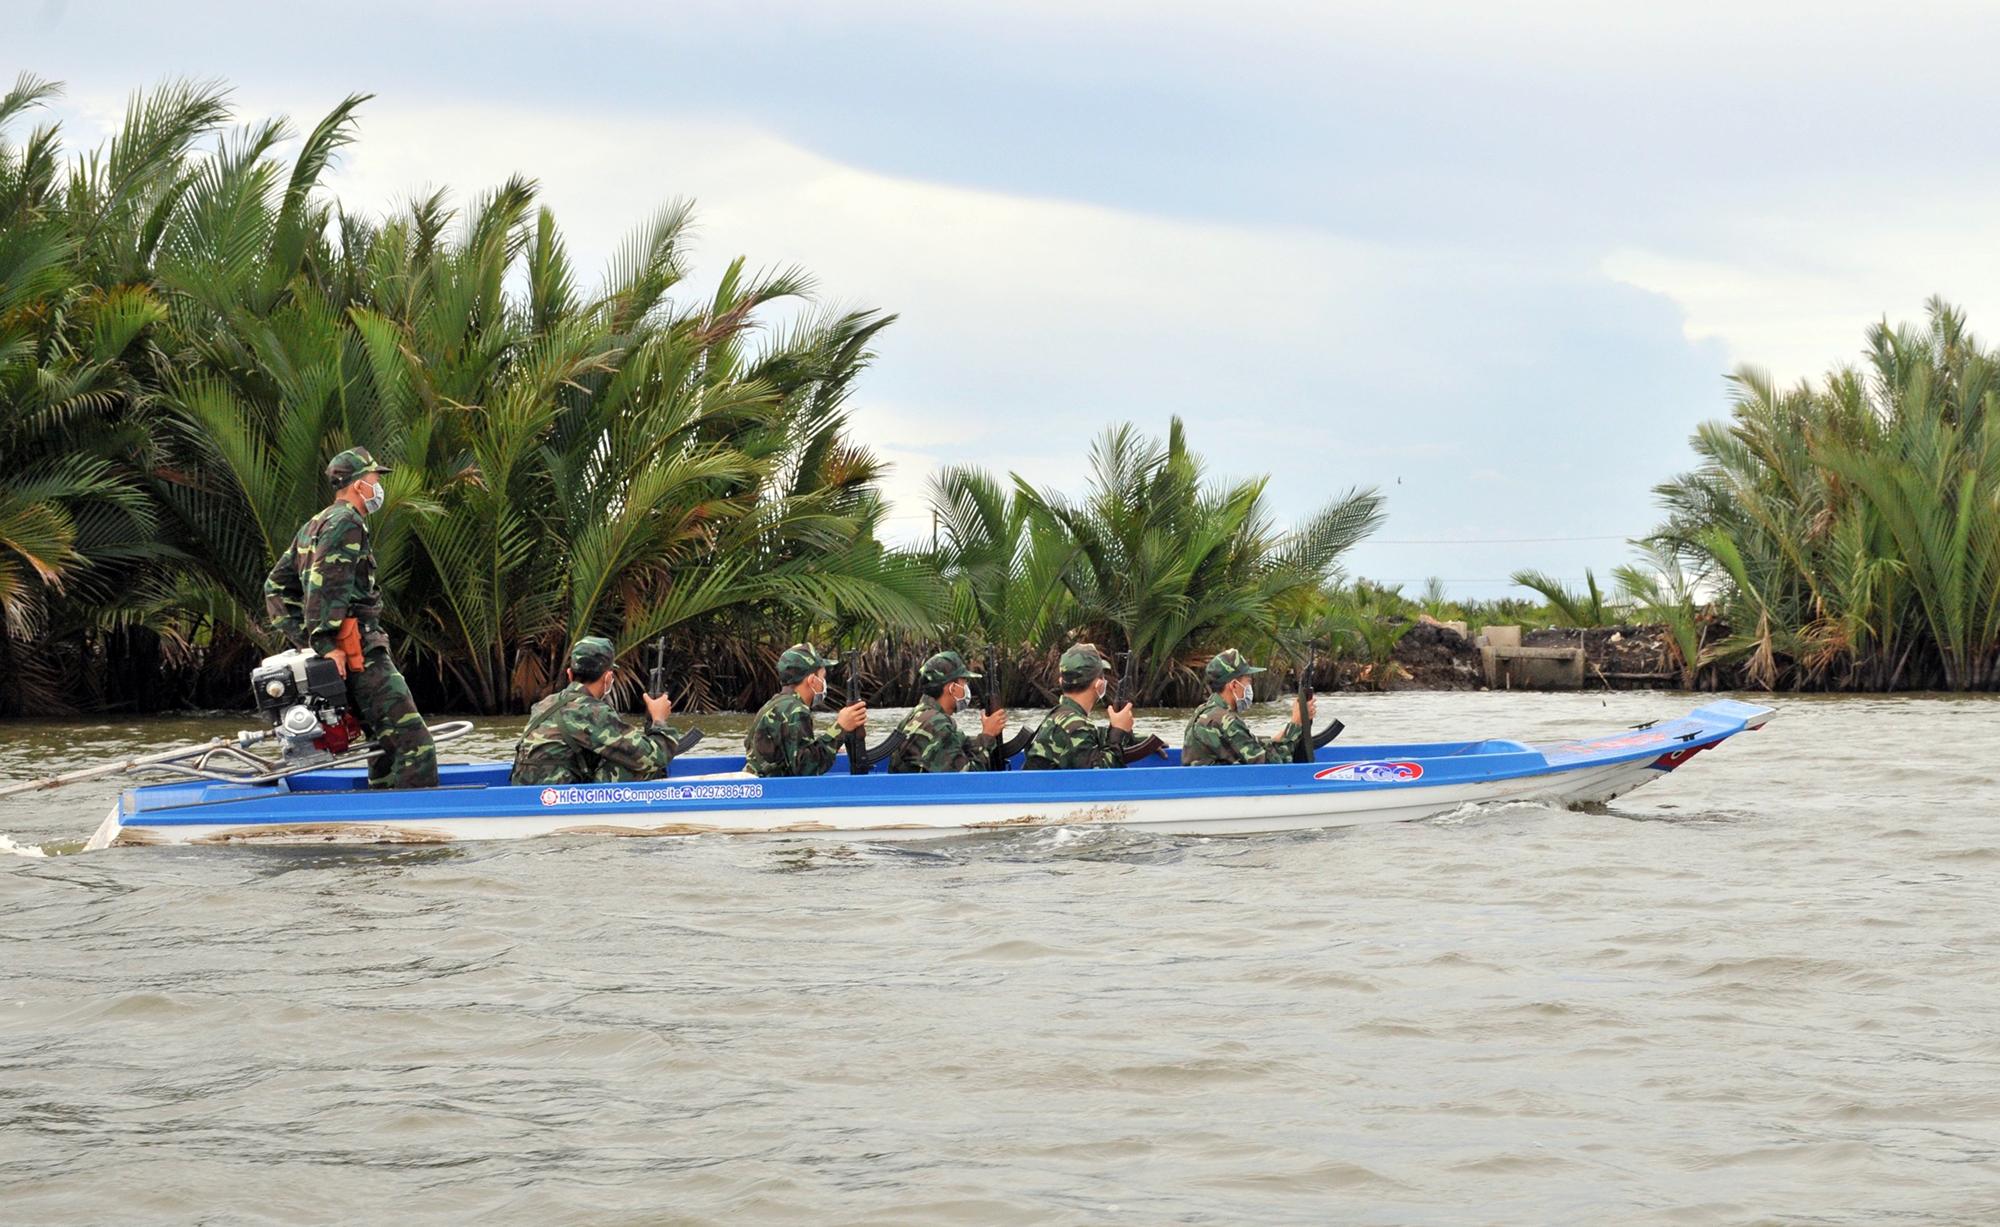 Lực lượng Biên phòng Kiên Giang tuần tra tuyến biên giới ở TP Hà Tiên. Ảnh: Nguyễn Phương